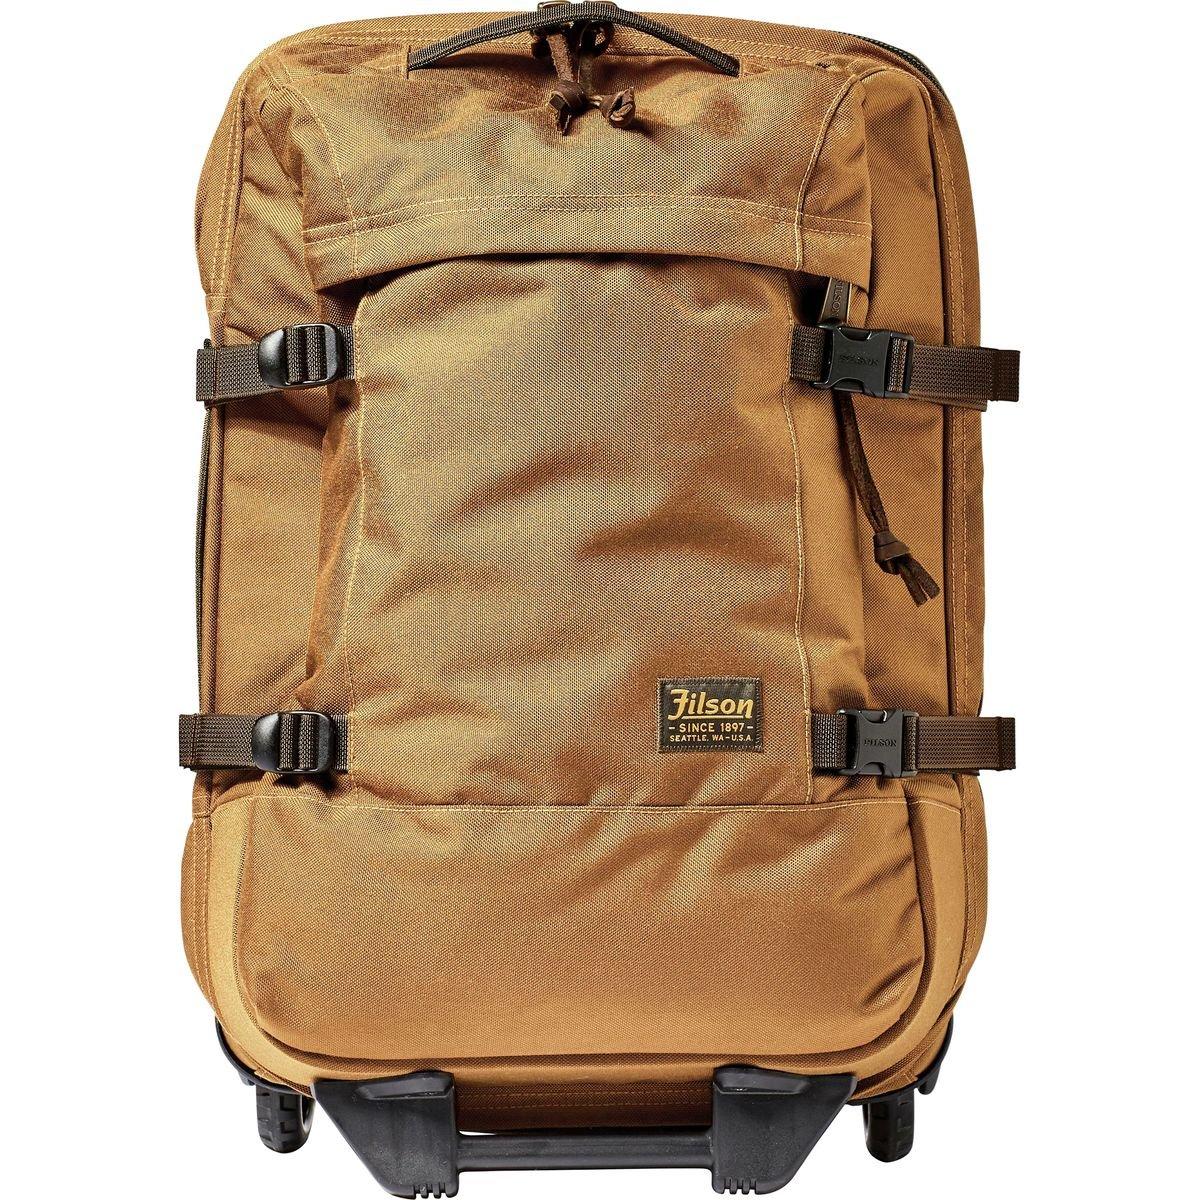 [フィルソン] レディース ボストンバッグ Dryden 2-Wheel Carry-On Bag [並行輸入品] No-Size  B07JZ851KM